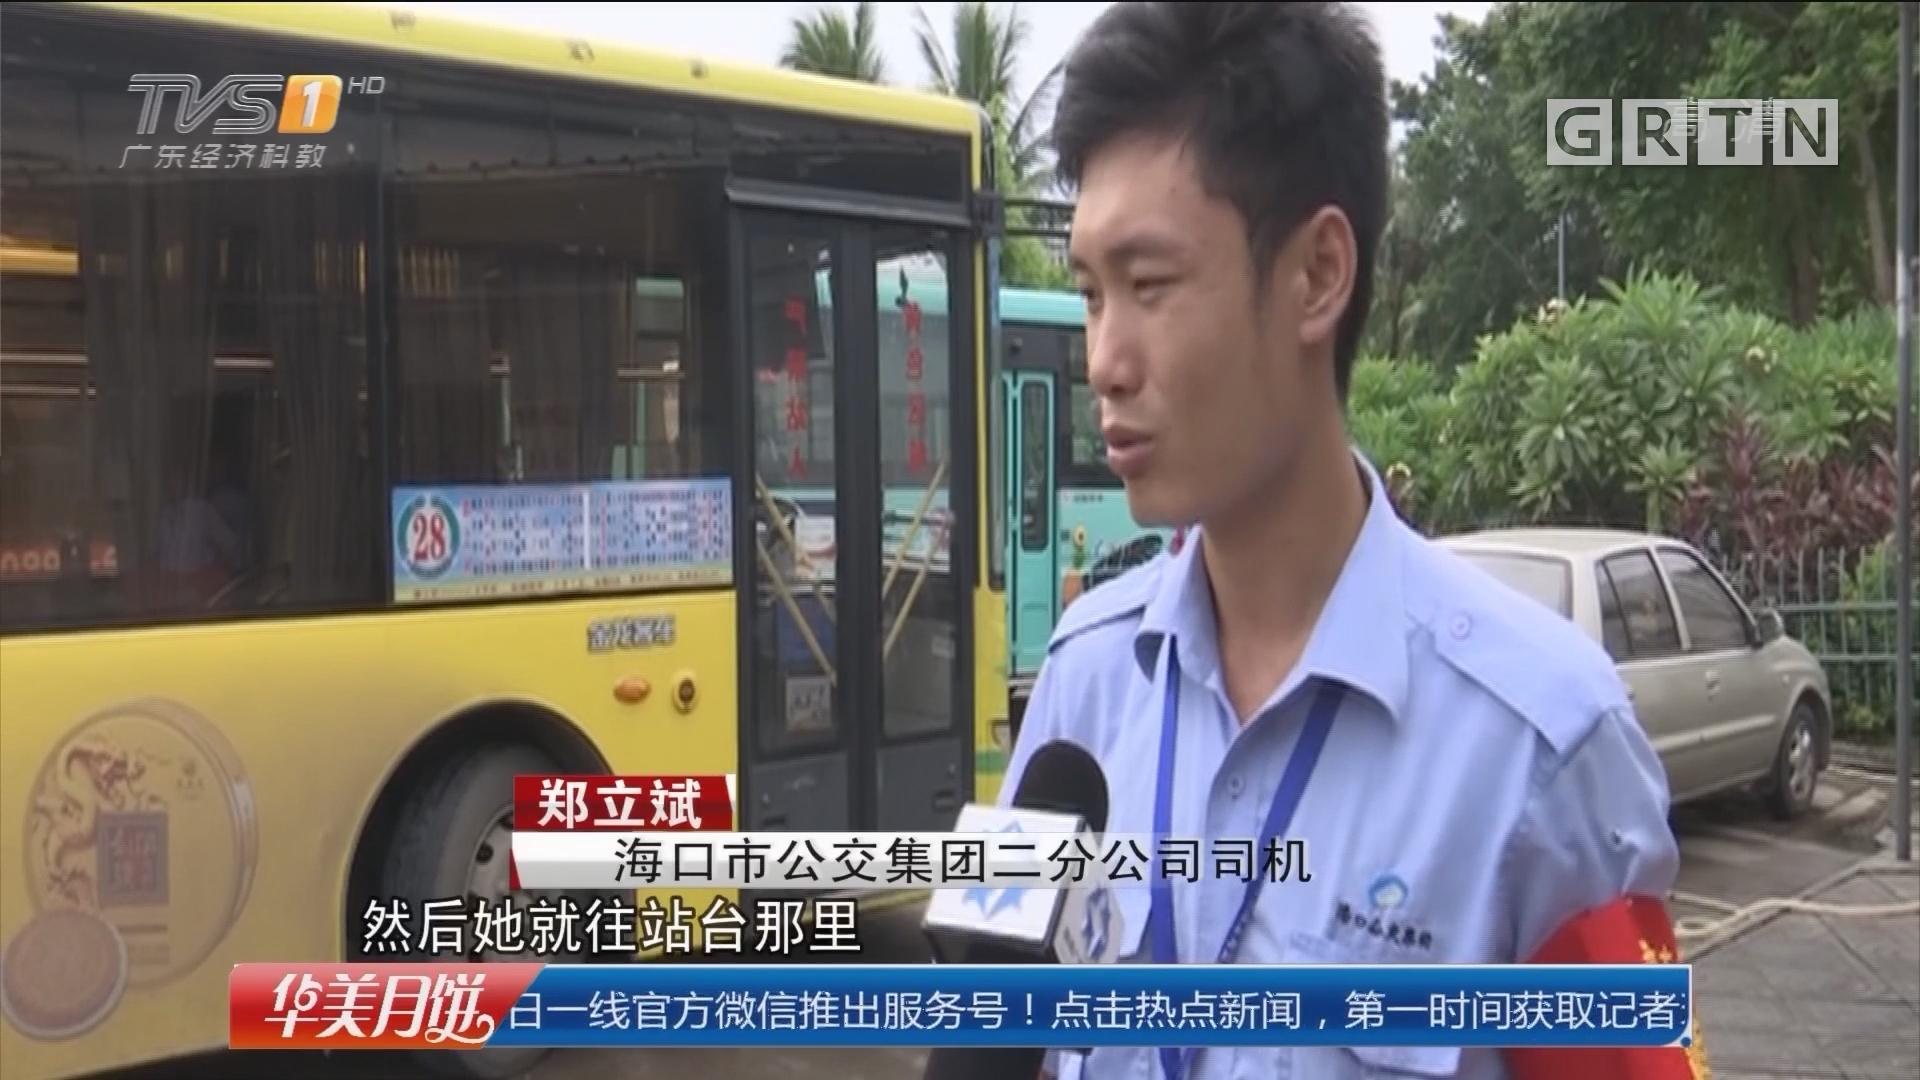 海南:女子扔掉万元现金 好心司机帮保管